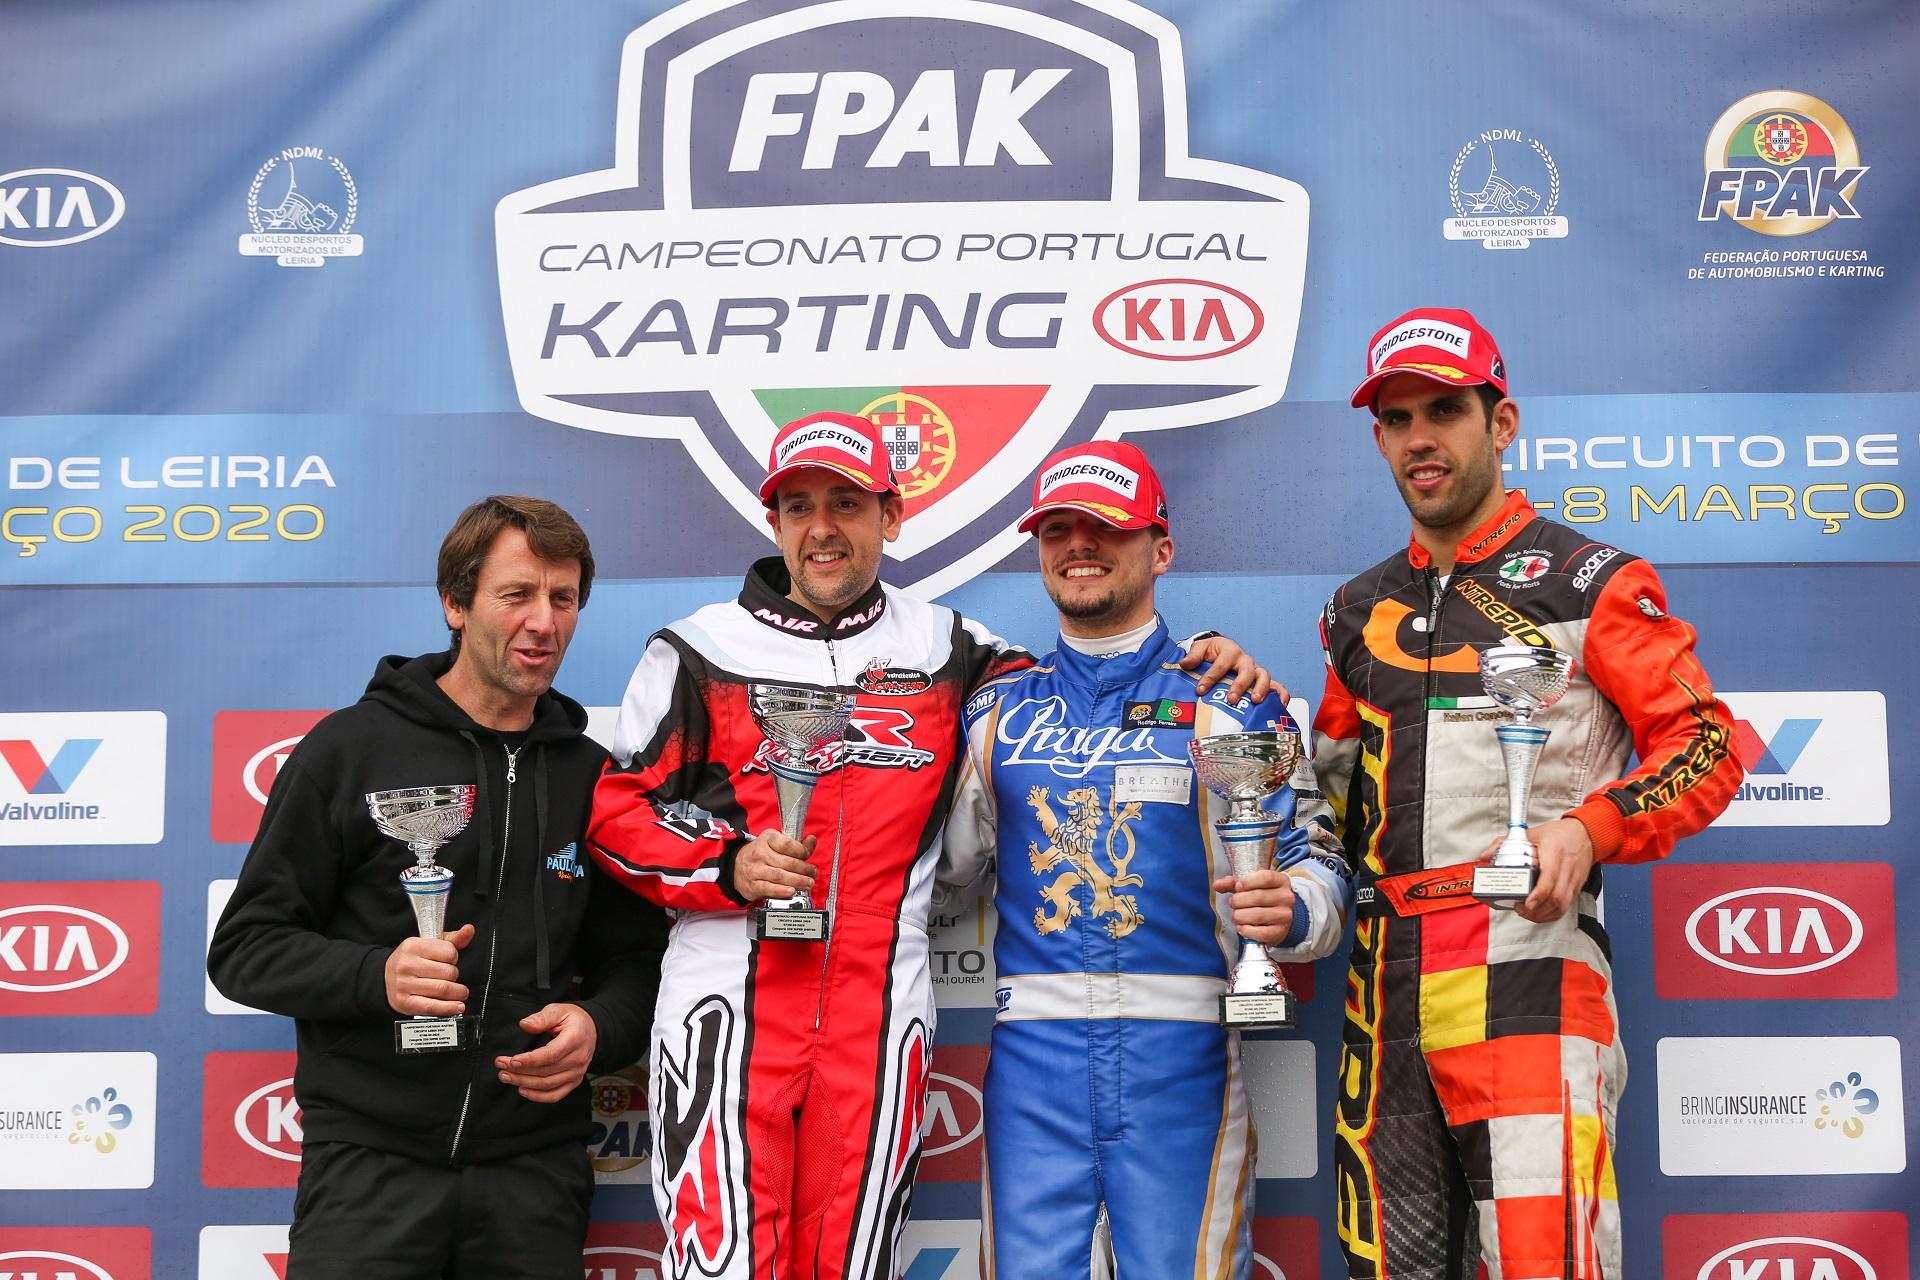 Rodrigo Ferreira ganha no Campeonato de Portugal de Karting X30 Super Shifter